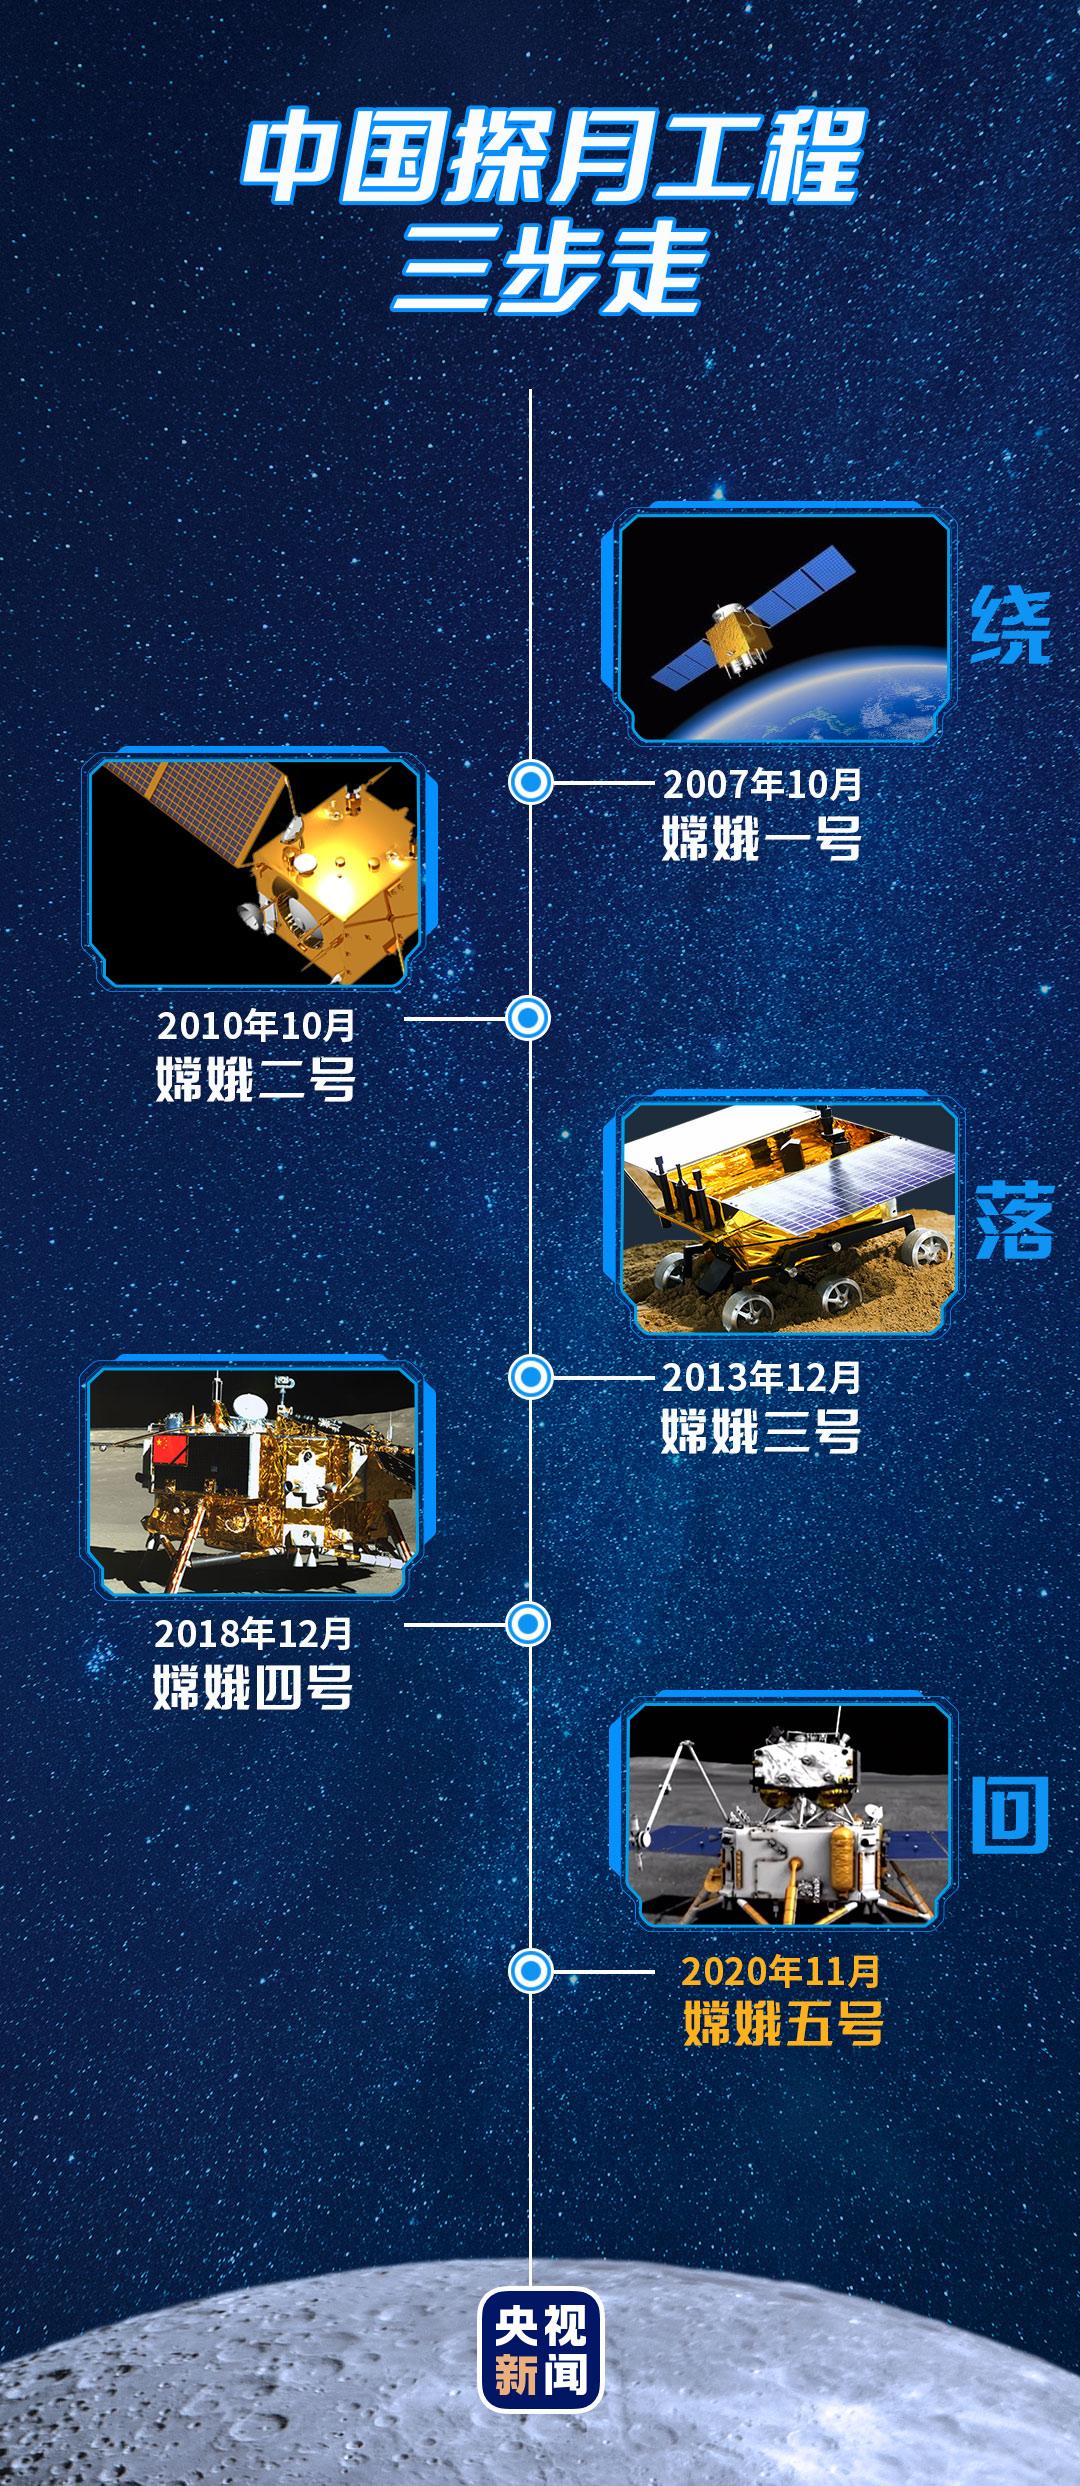 中国嫦娥三号_飞天揽月!嫦娥五号探梦星空_凤凰网